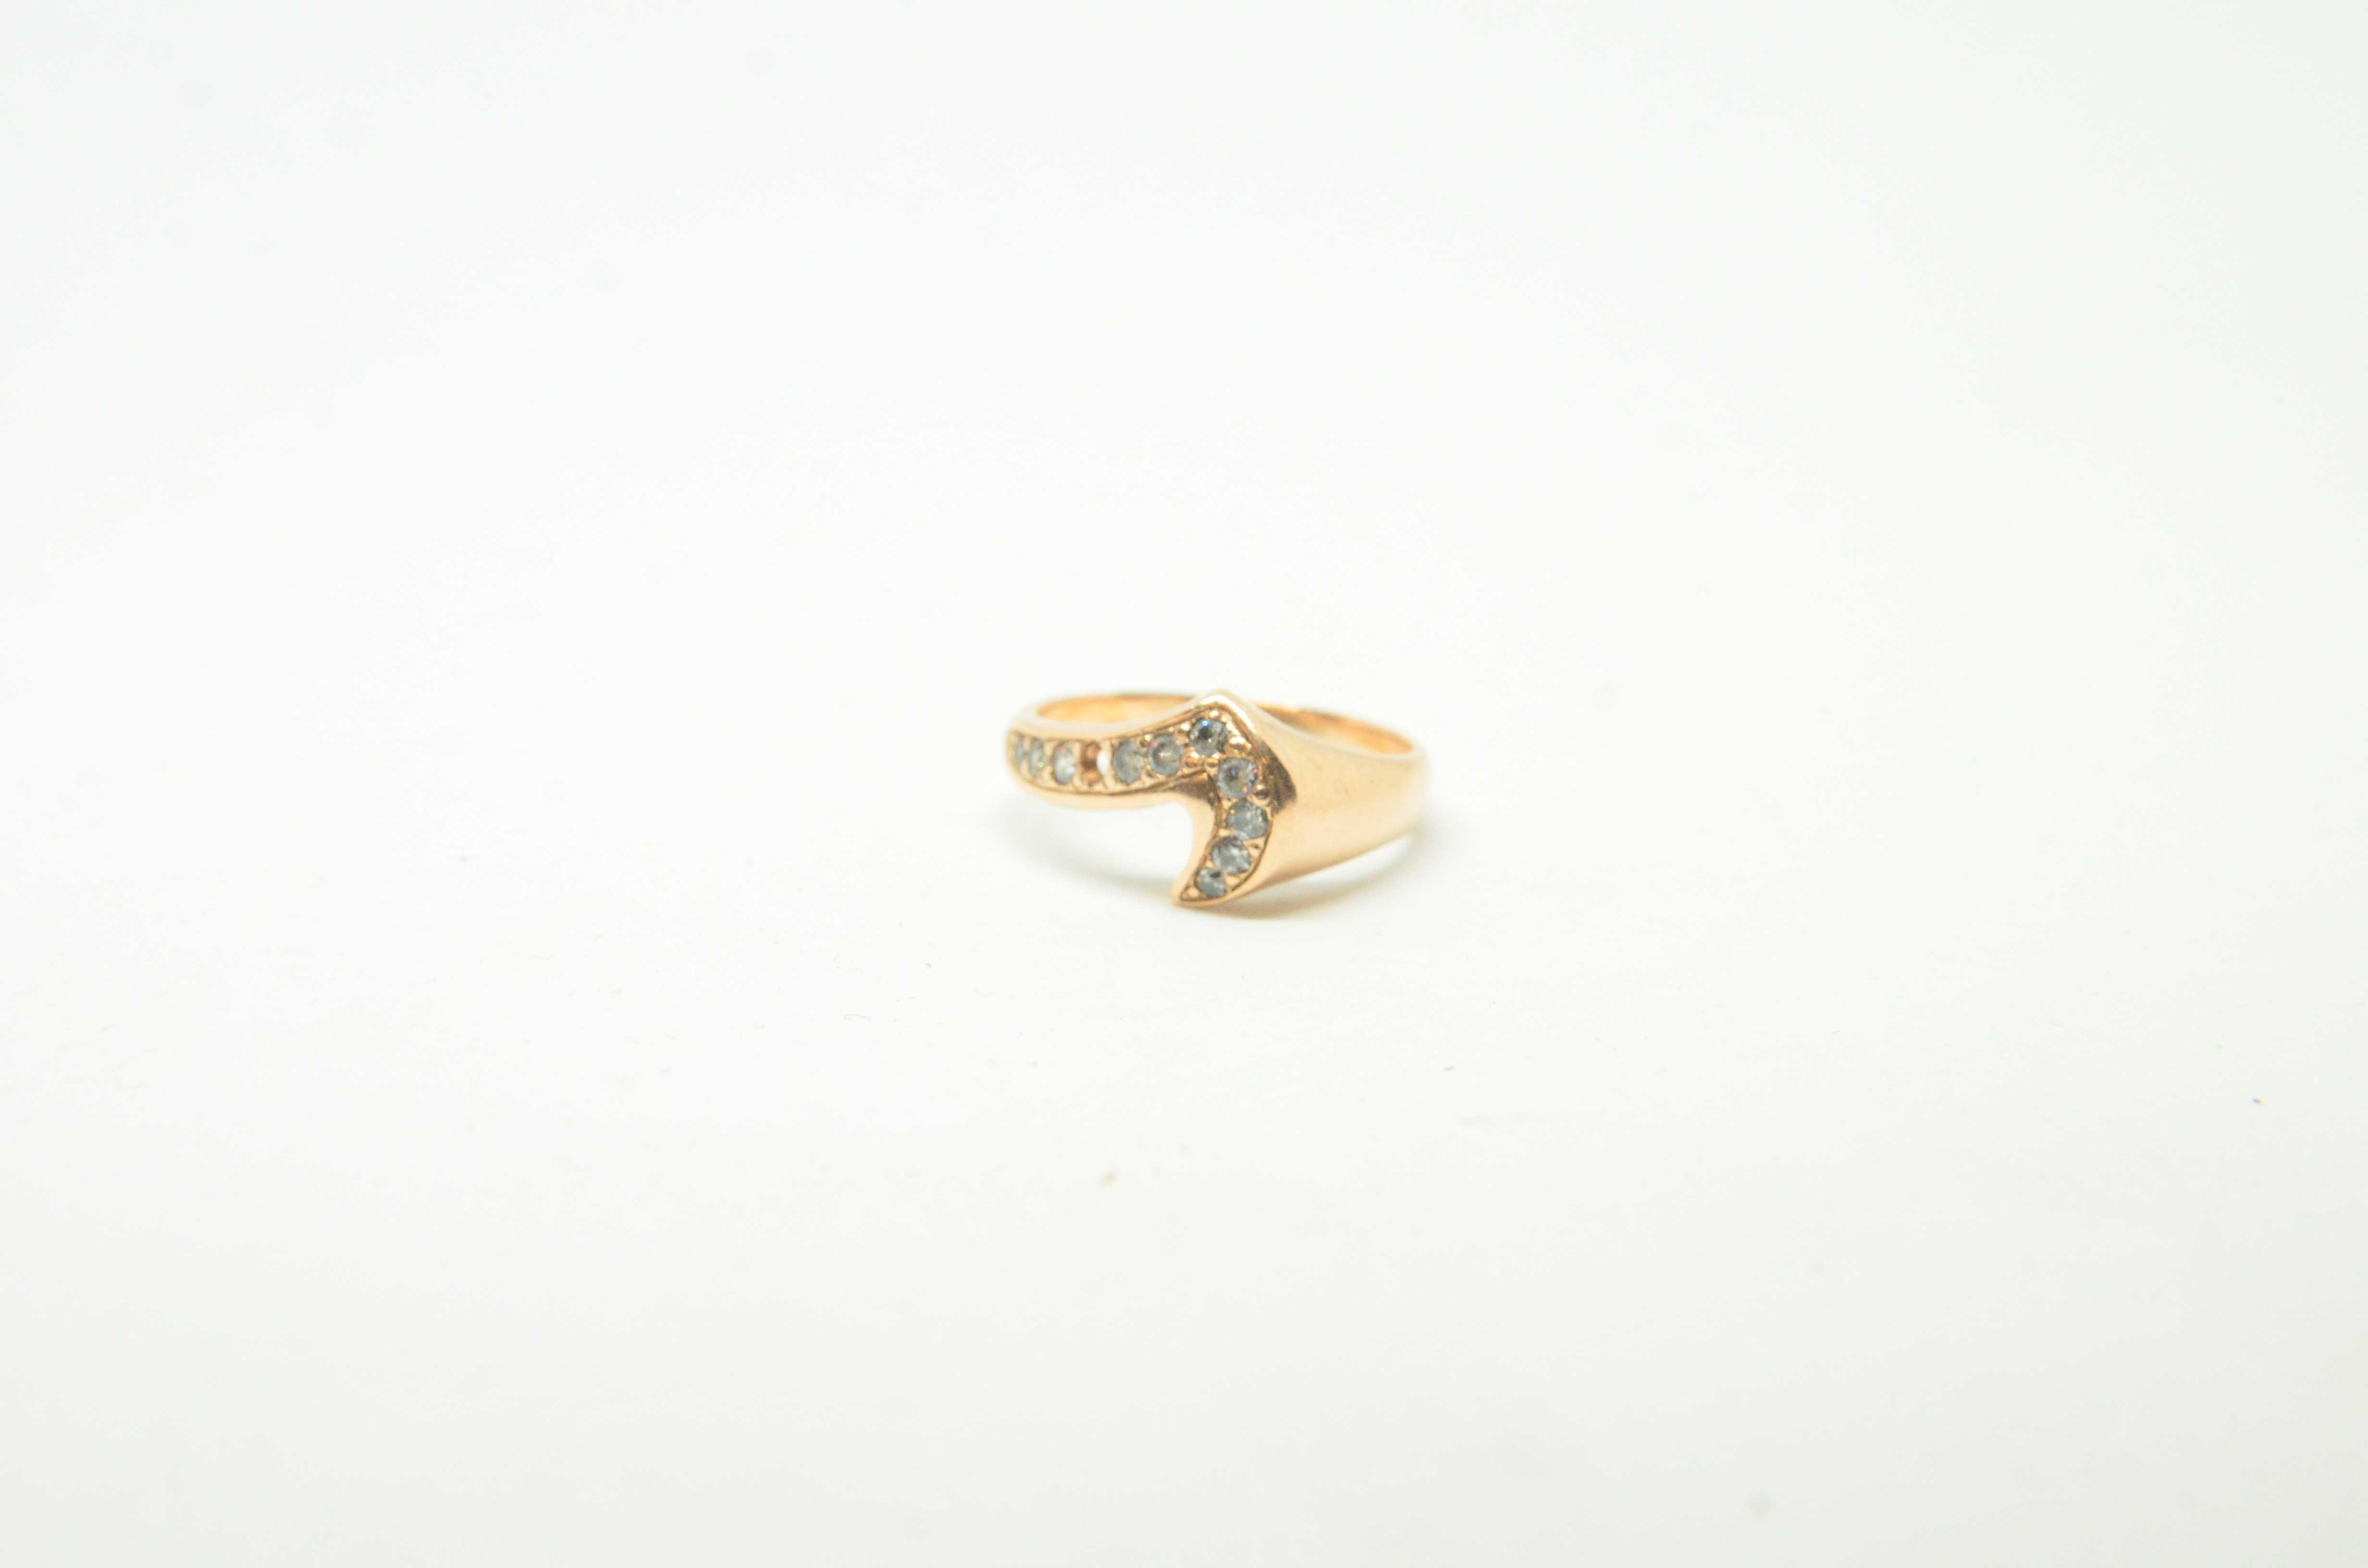 Złoty pierścionek 585 waga 4,31 rozmiar 19 Lombard Tarnów